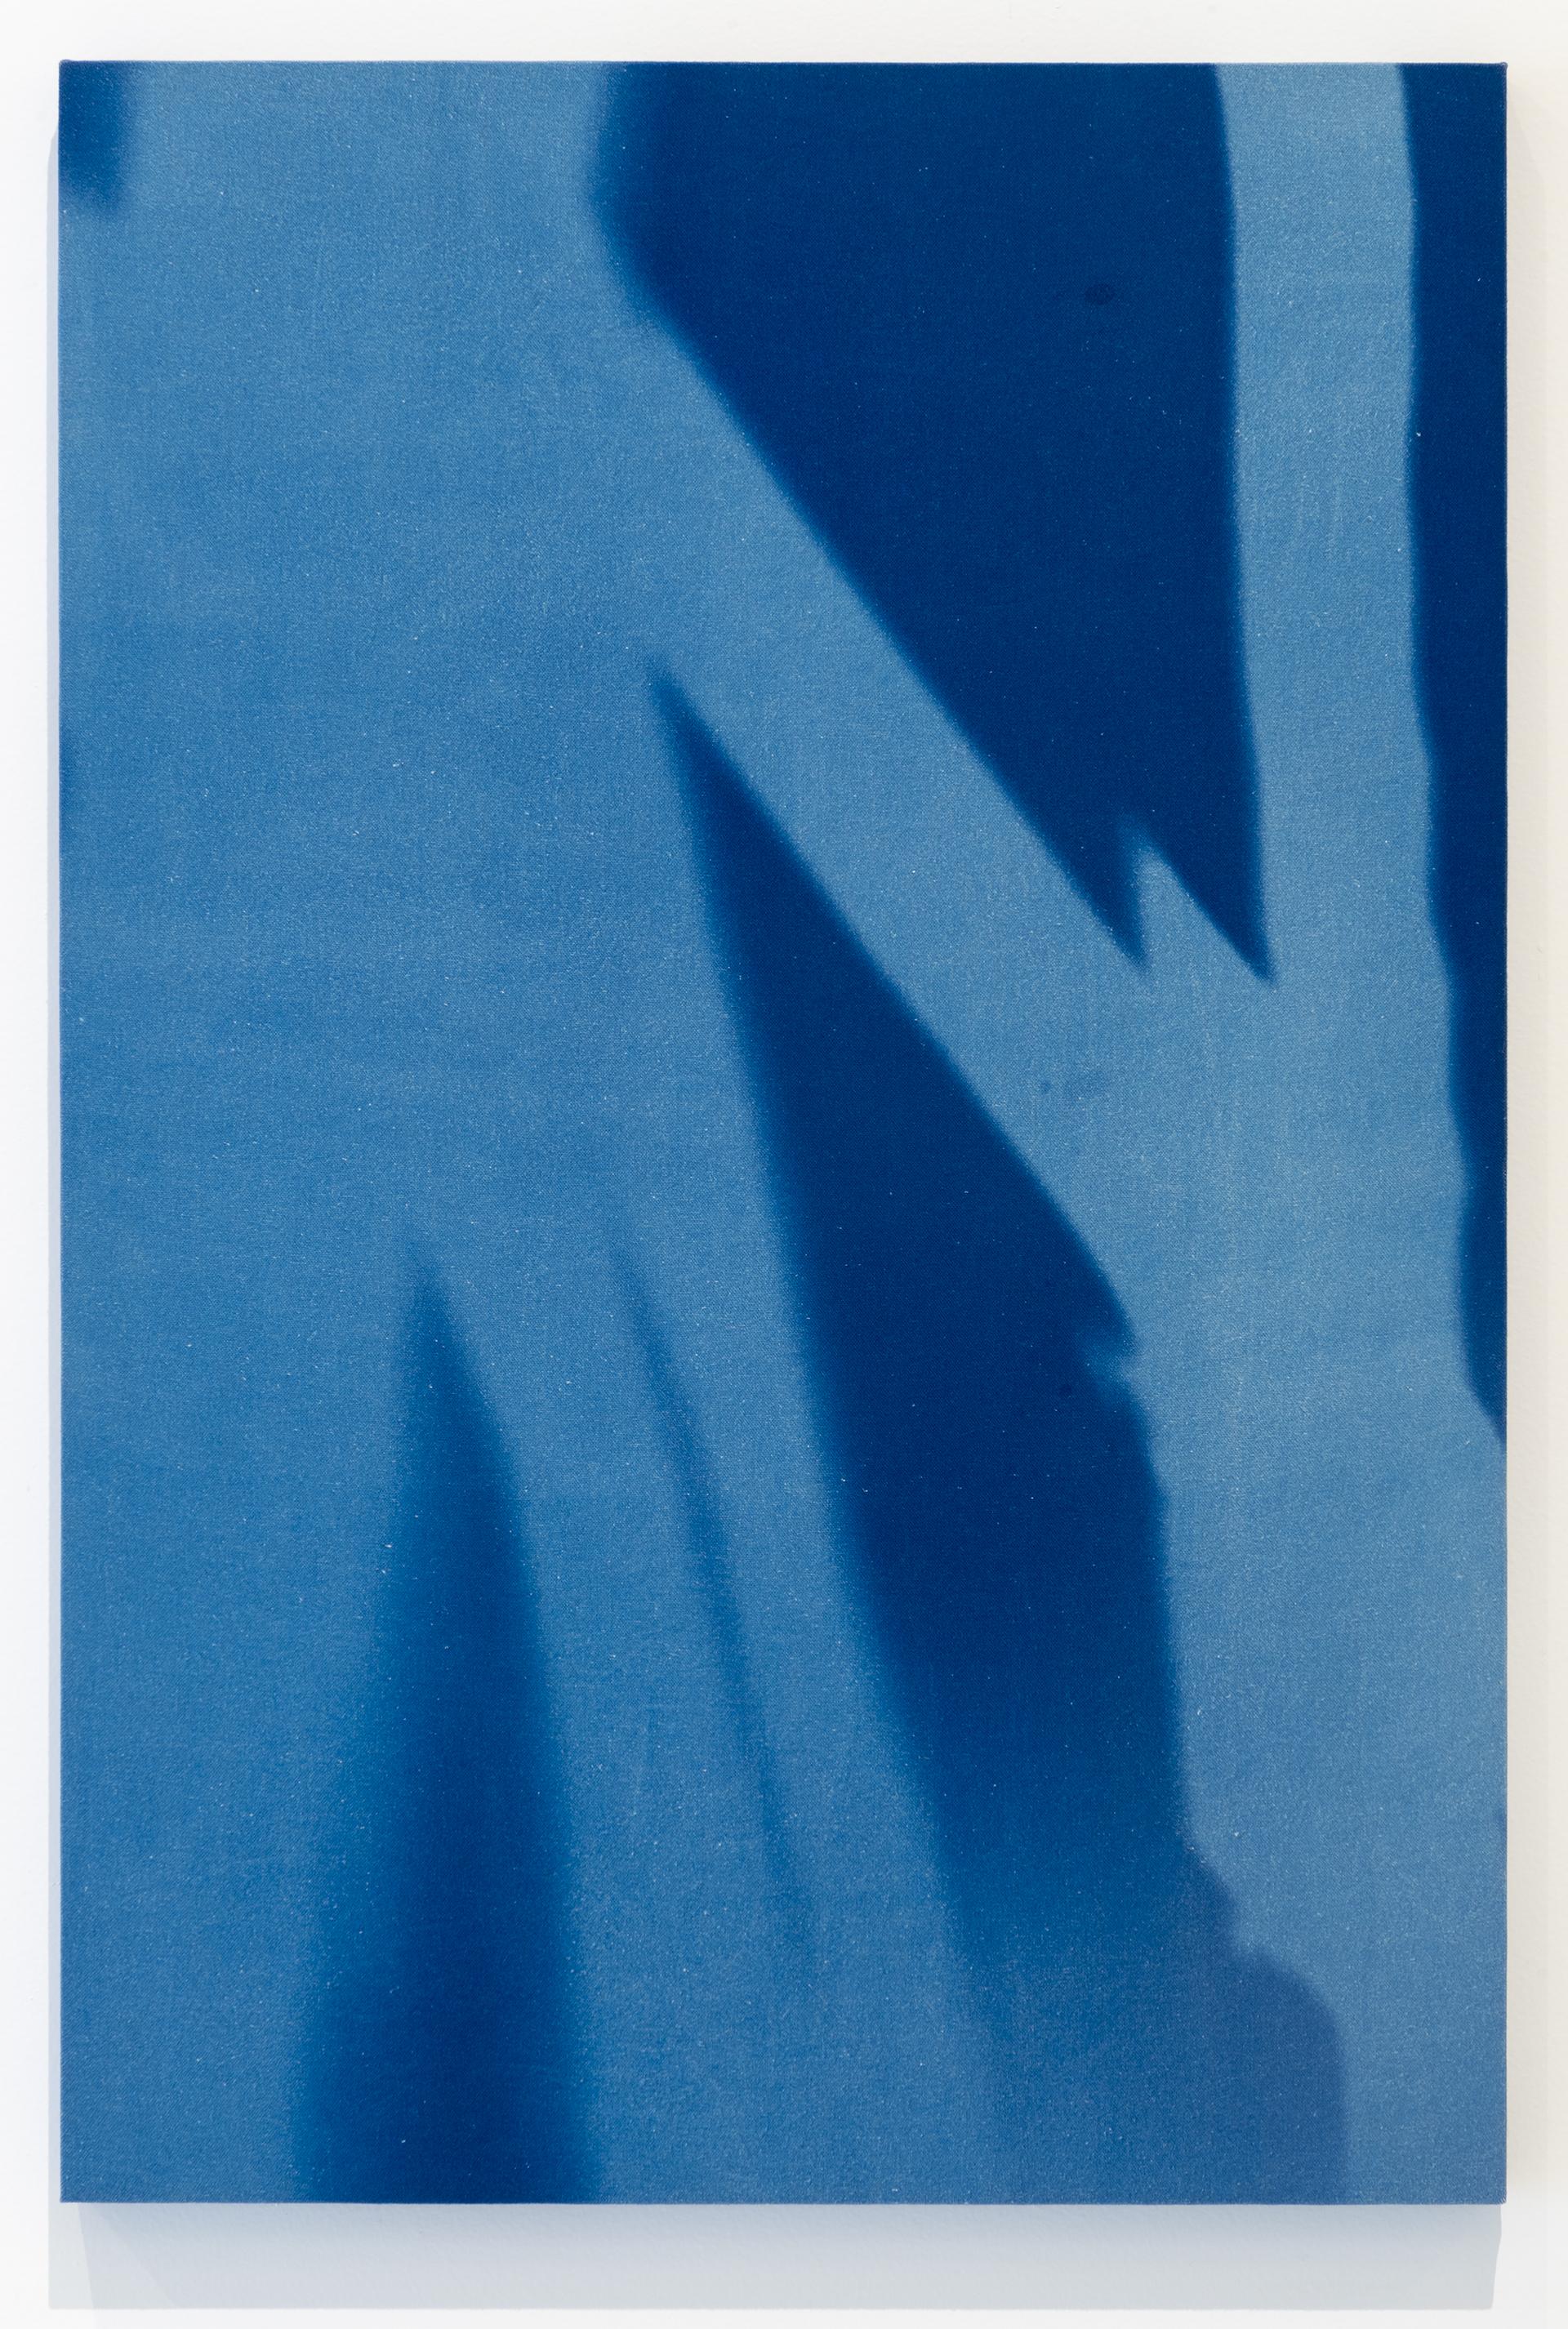 """23 de Agosto 2015, 11:45 h. Torre Norte Museo del Chopo, tiempo de exposición15 min""""  Cianotipia sobre tela montado sobre bastidor  35 x 23"""" (90x60 cm)"""